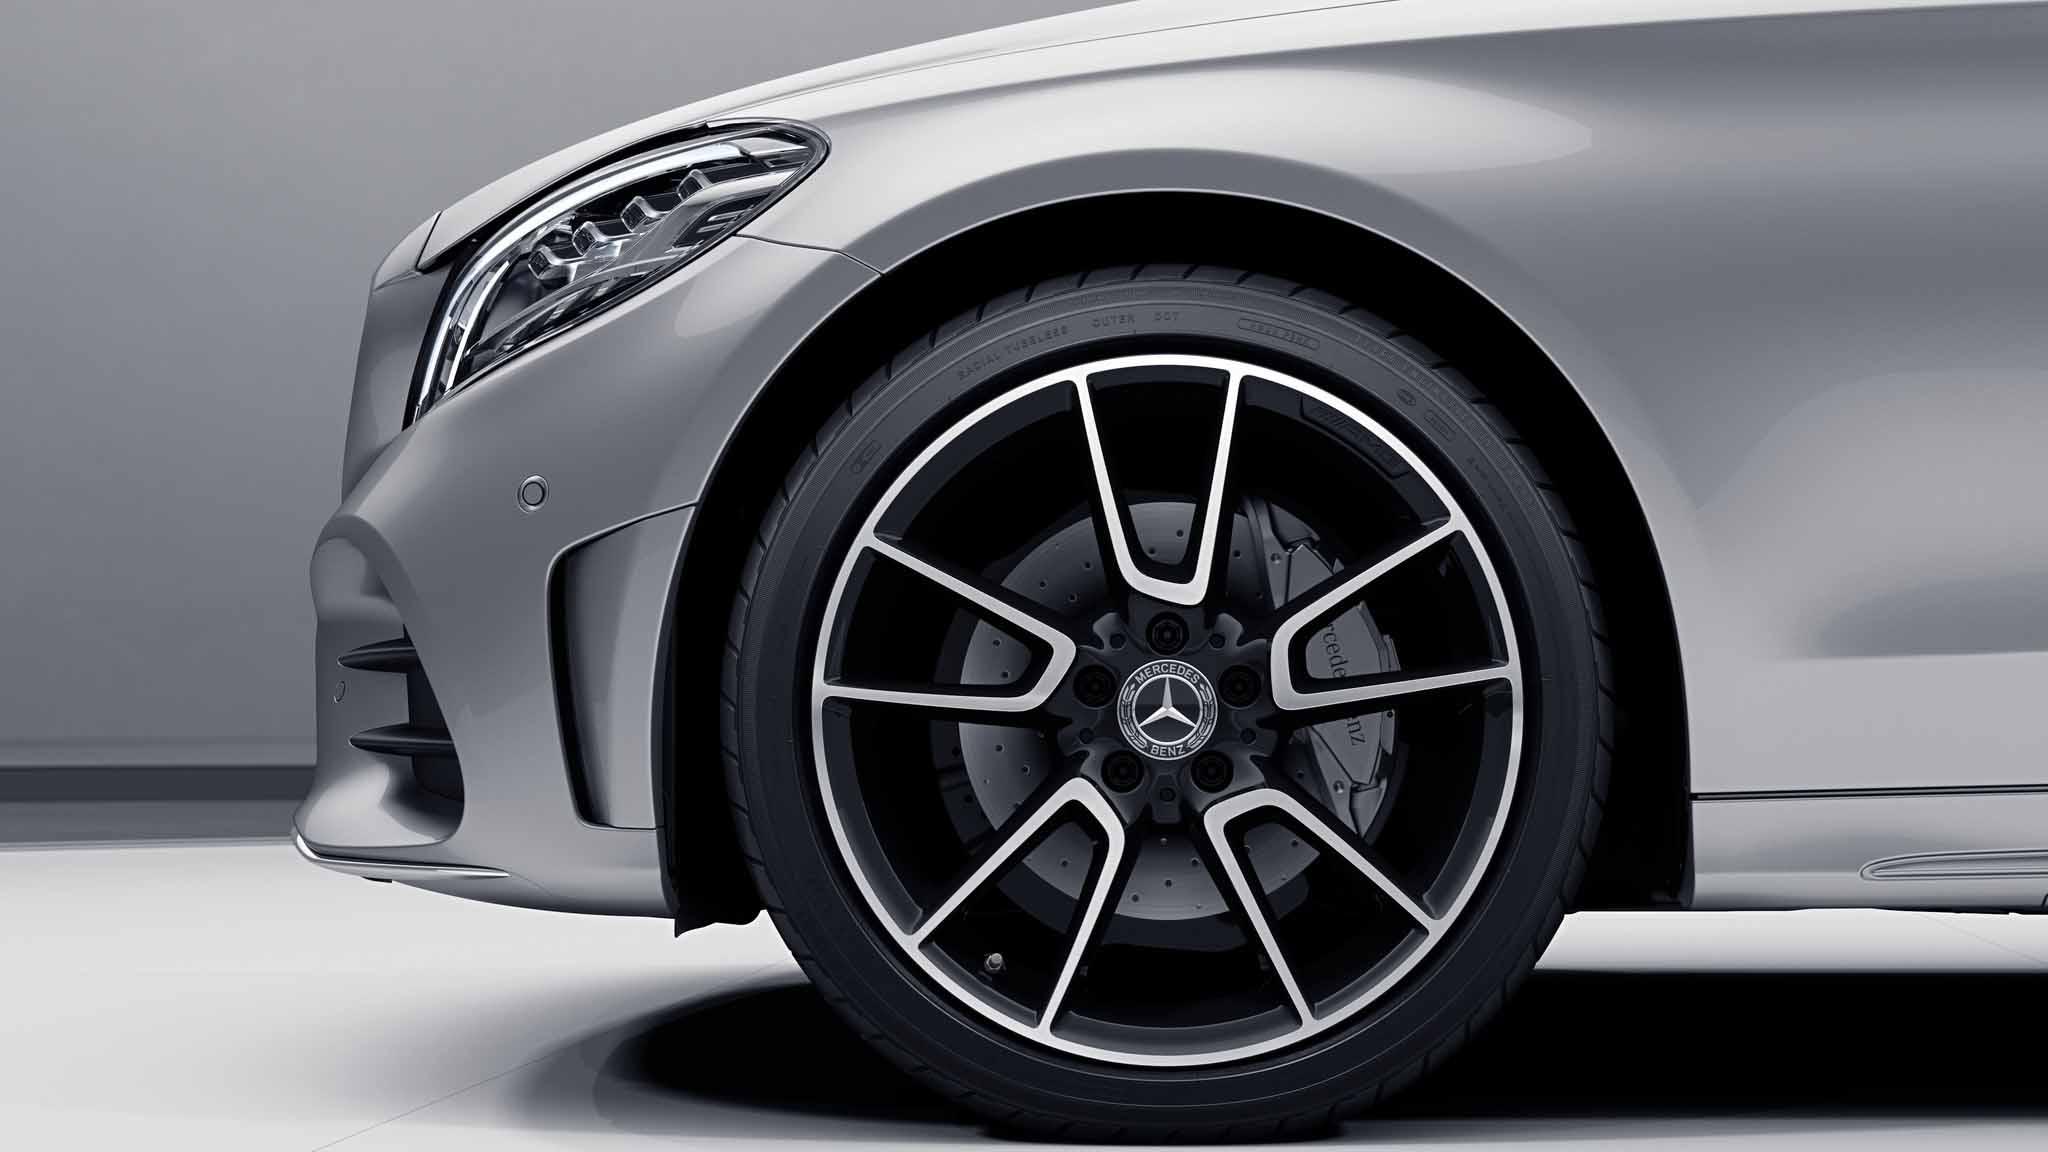 Jantes AMG 19 à 5 doubles branches de la Mercedes-Benz Classe C Berline